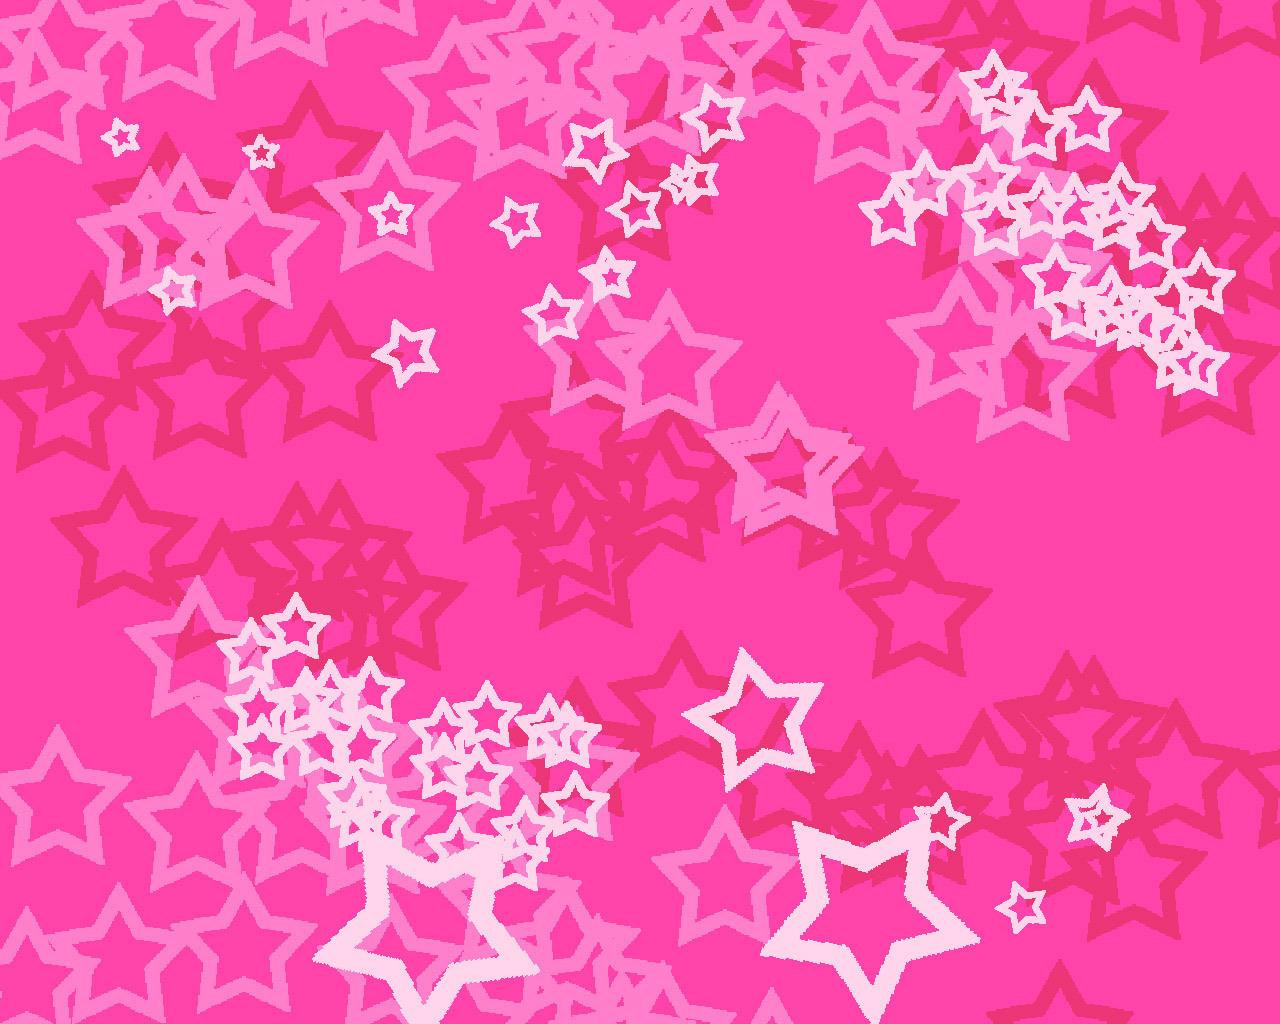 Pink Wallpaper Color 10579418 1280x1024